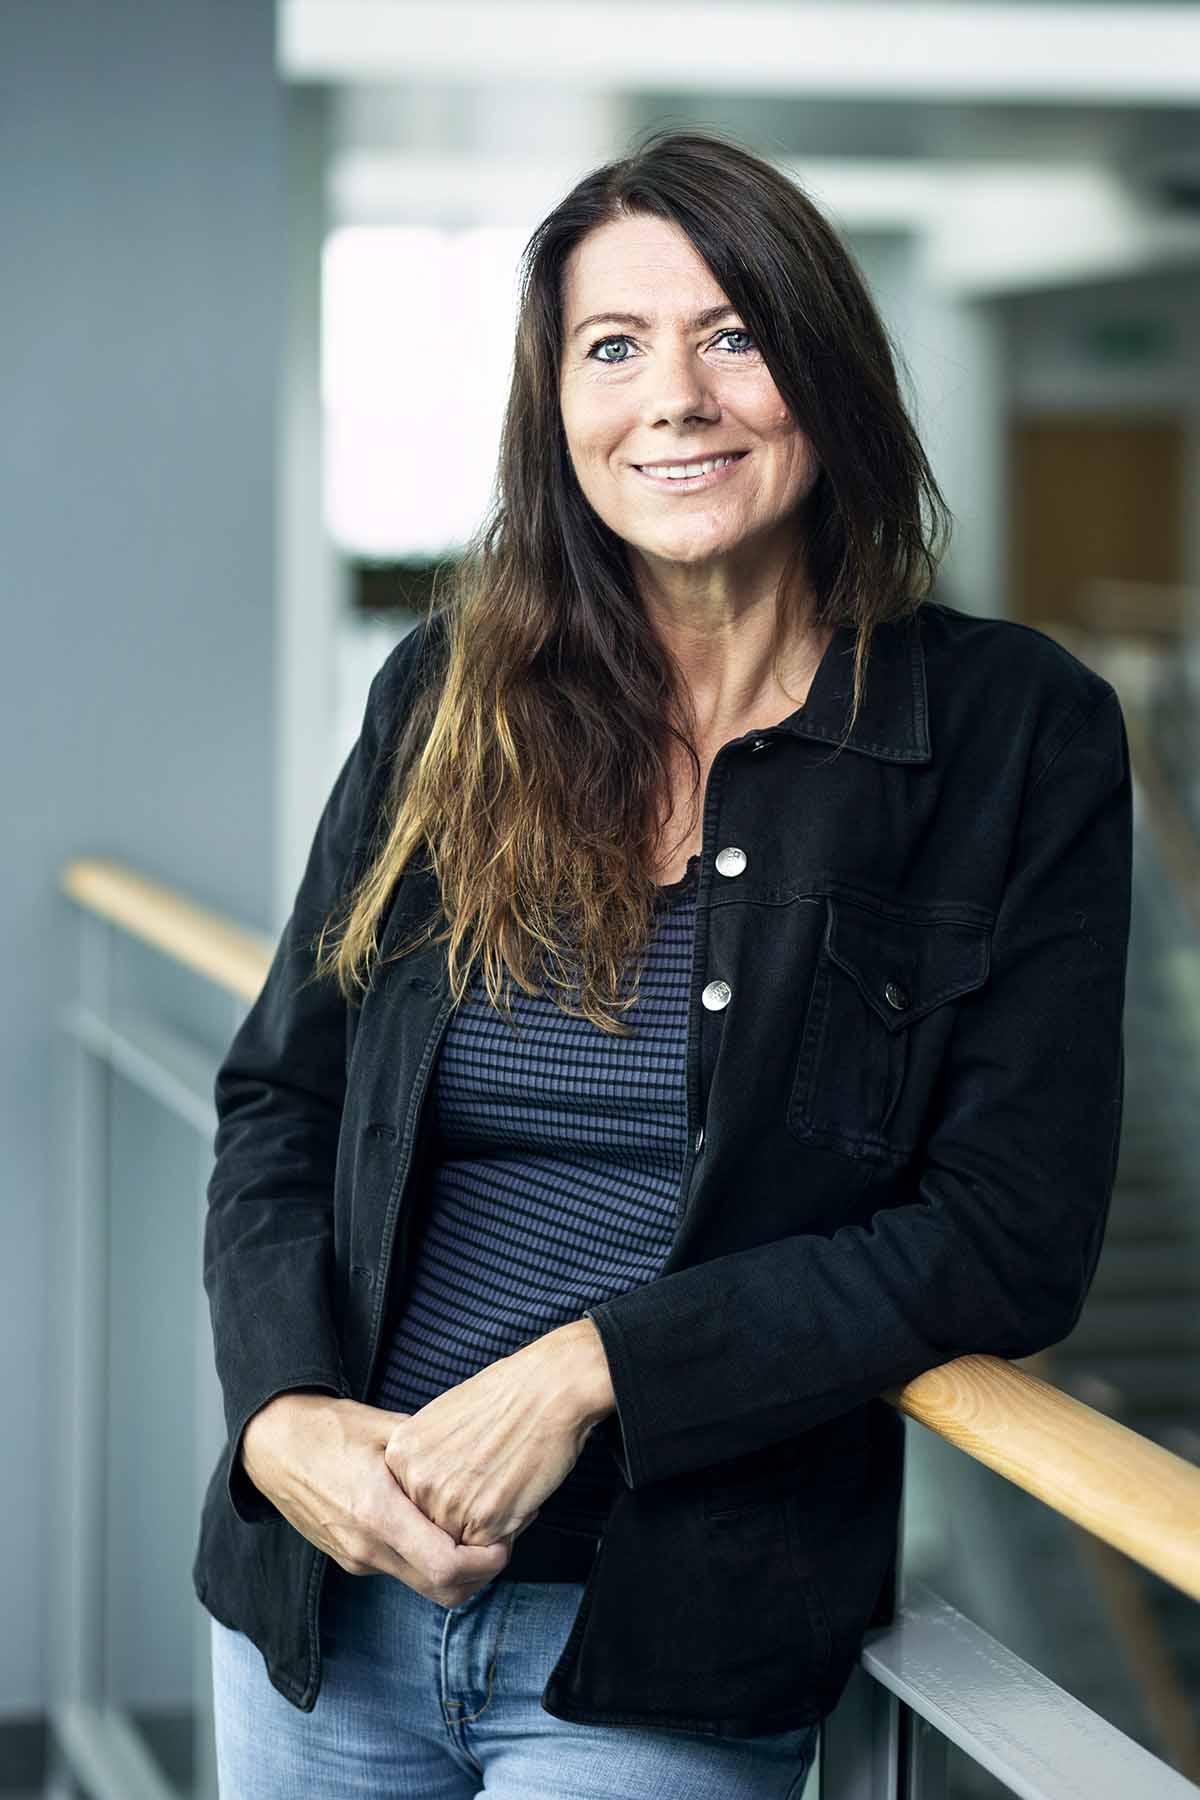 Portræt fotografering Odense, Fyn, Sjælland og i Jylland